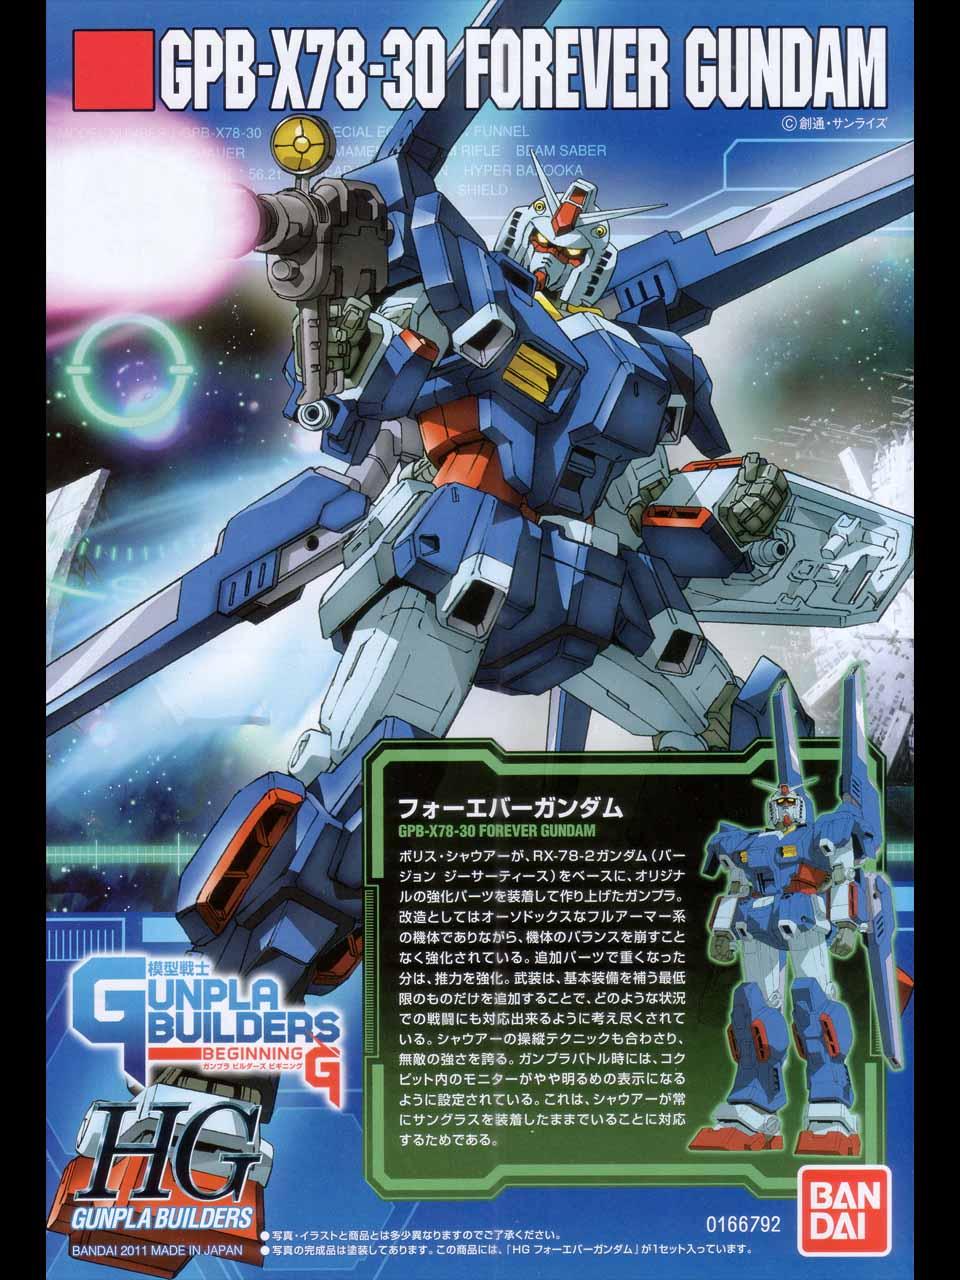 HG_Forever_Gundam_08.jpg